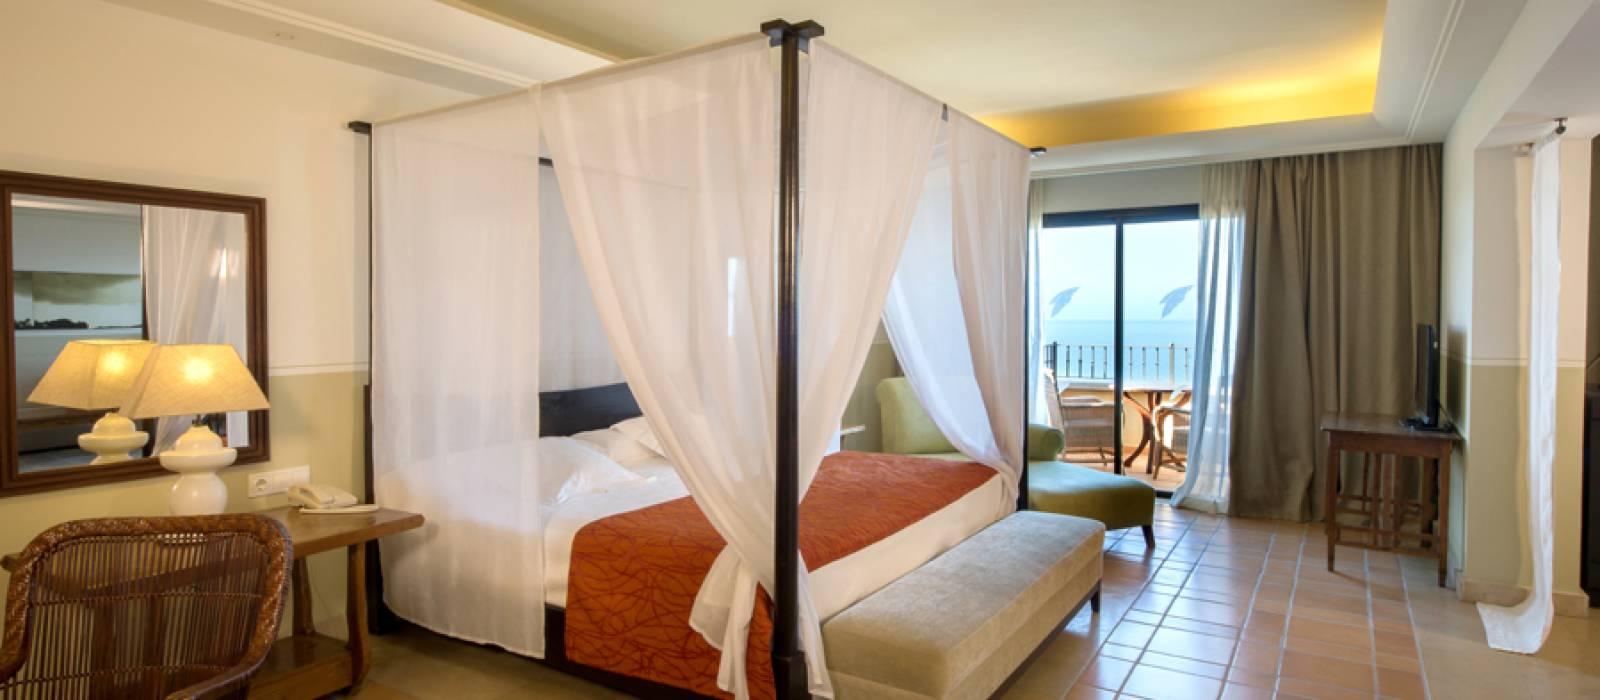 Habitaciones Vincci Hotel La Plantación del Sur - Suites Reales